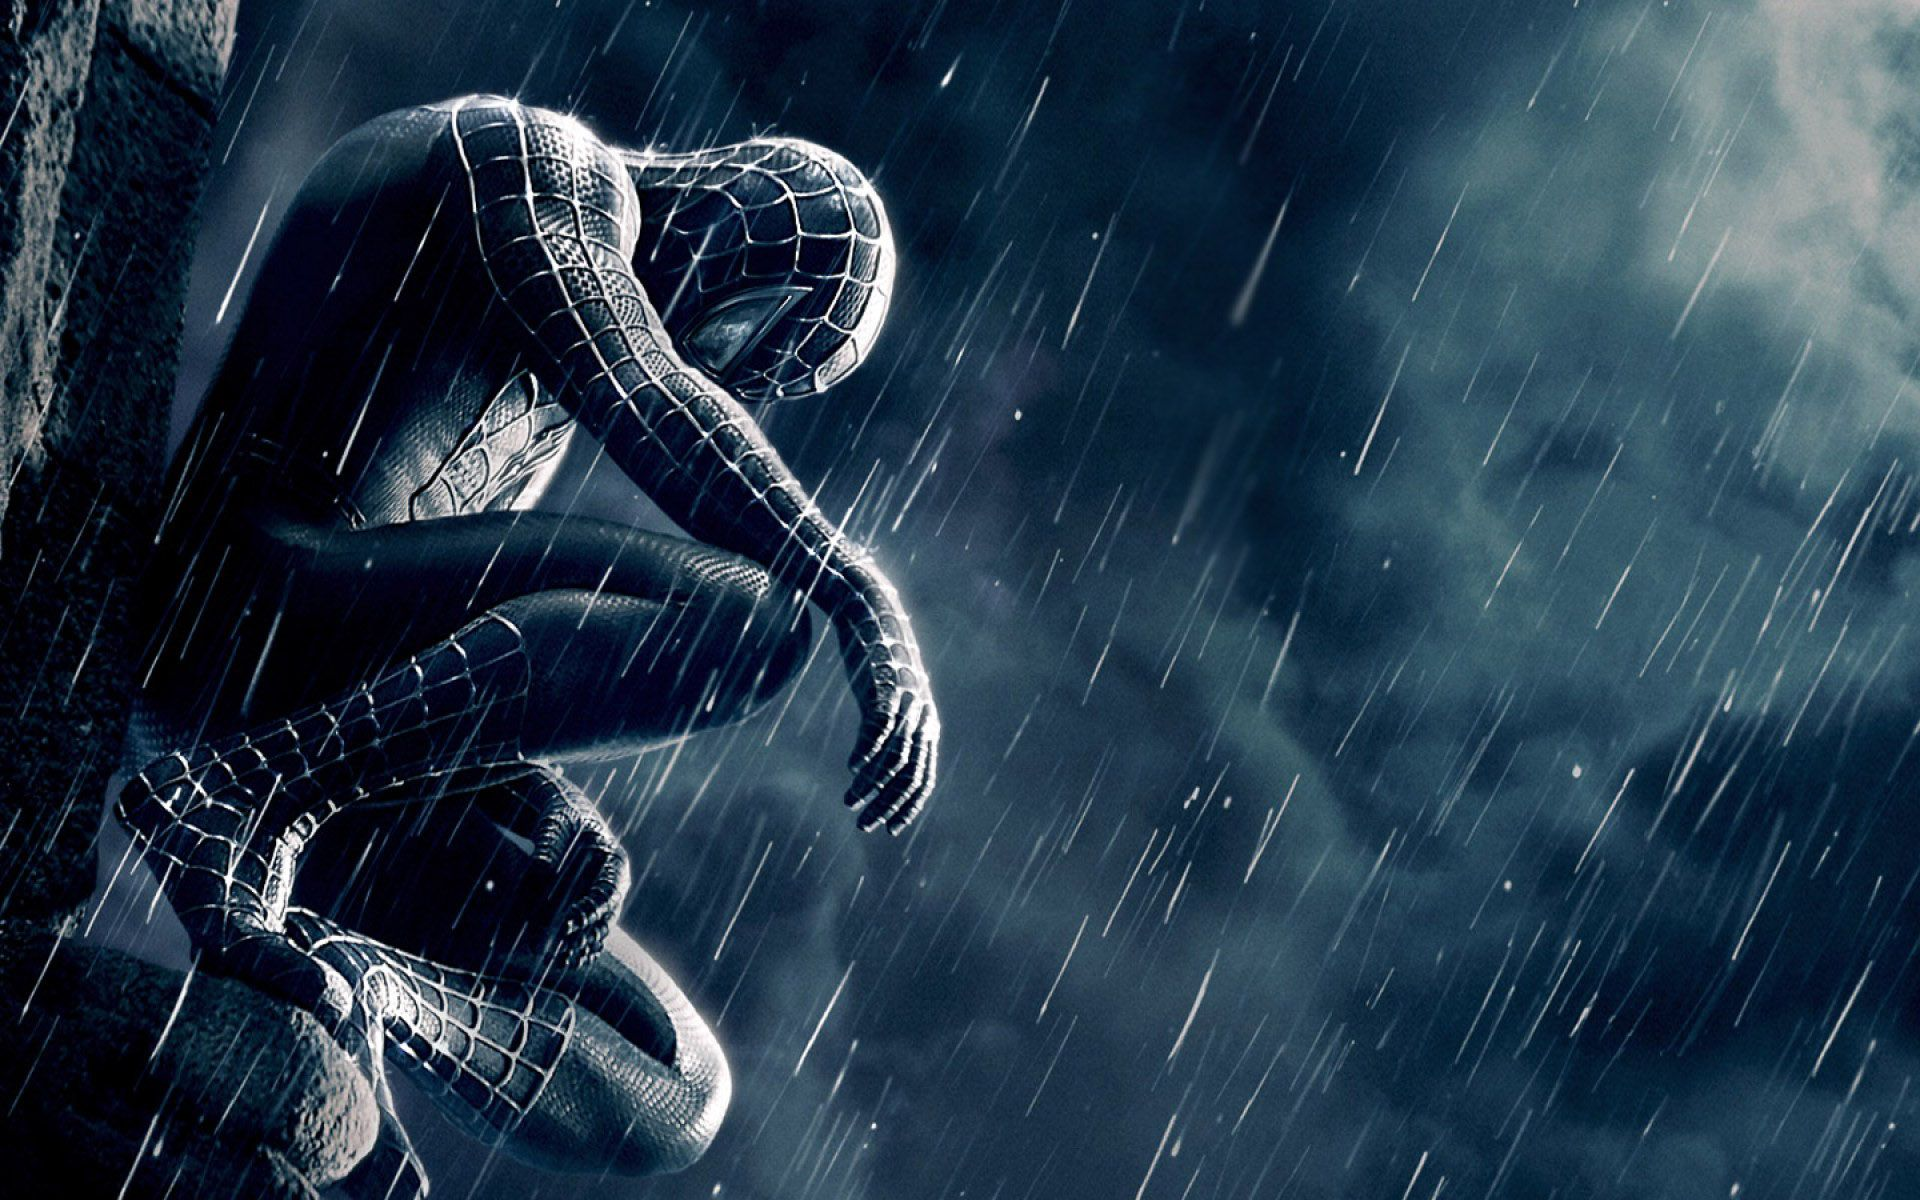 Black Spiderman In The Rain Google Search Black Spiderman Wallpaper Dekstop Spiderman